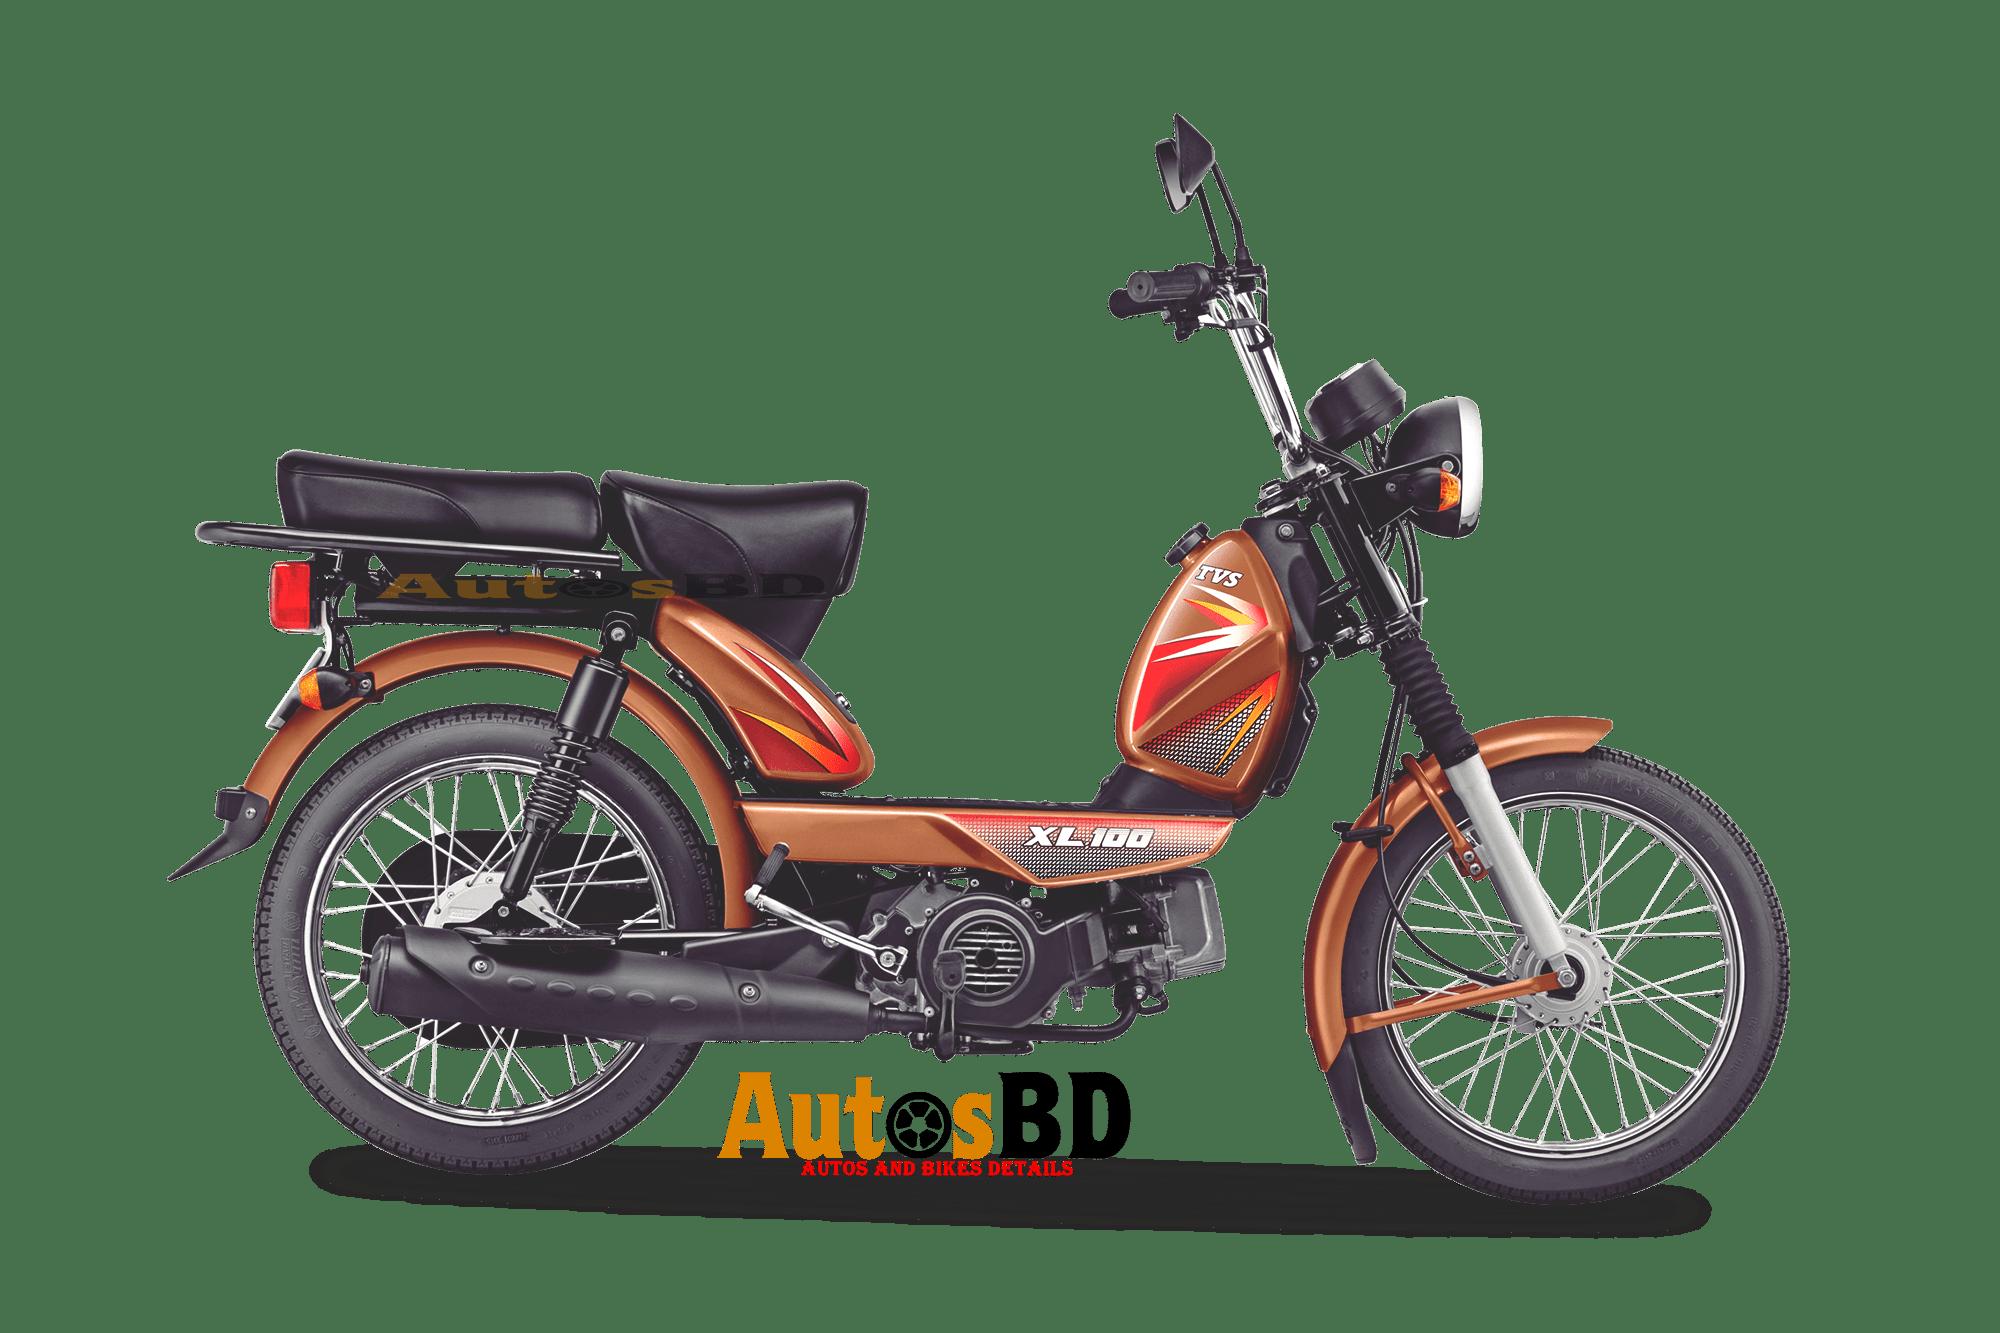 TVS XL 100 Motorcycle Price in Bangladesh